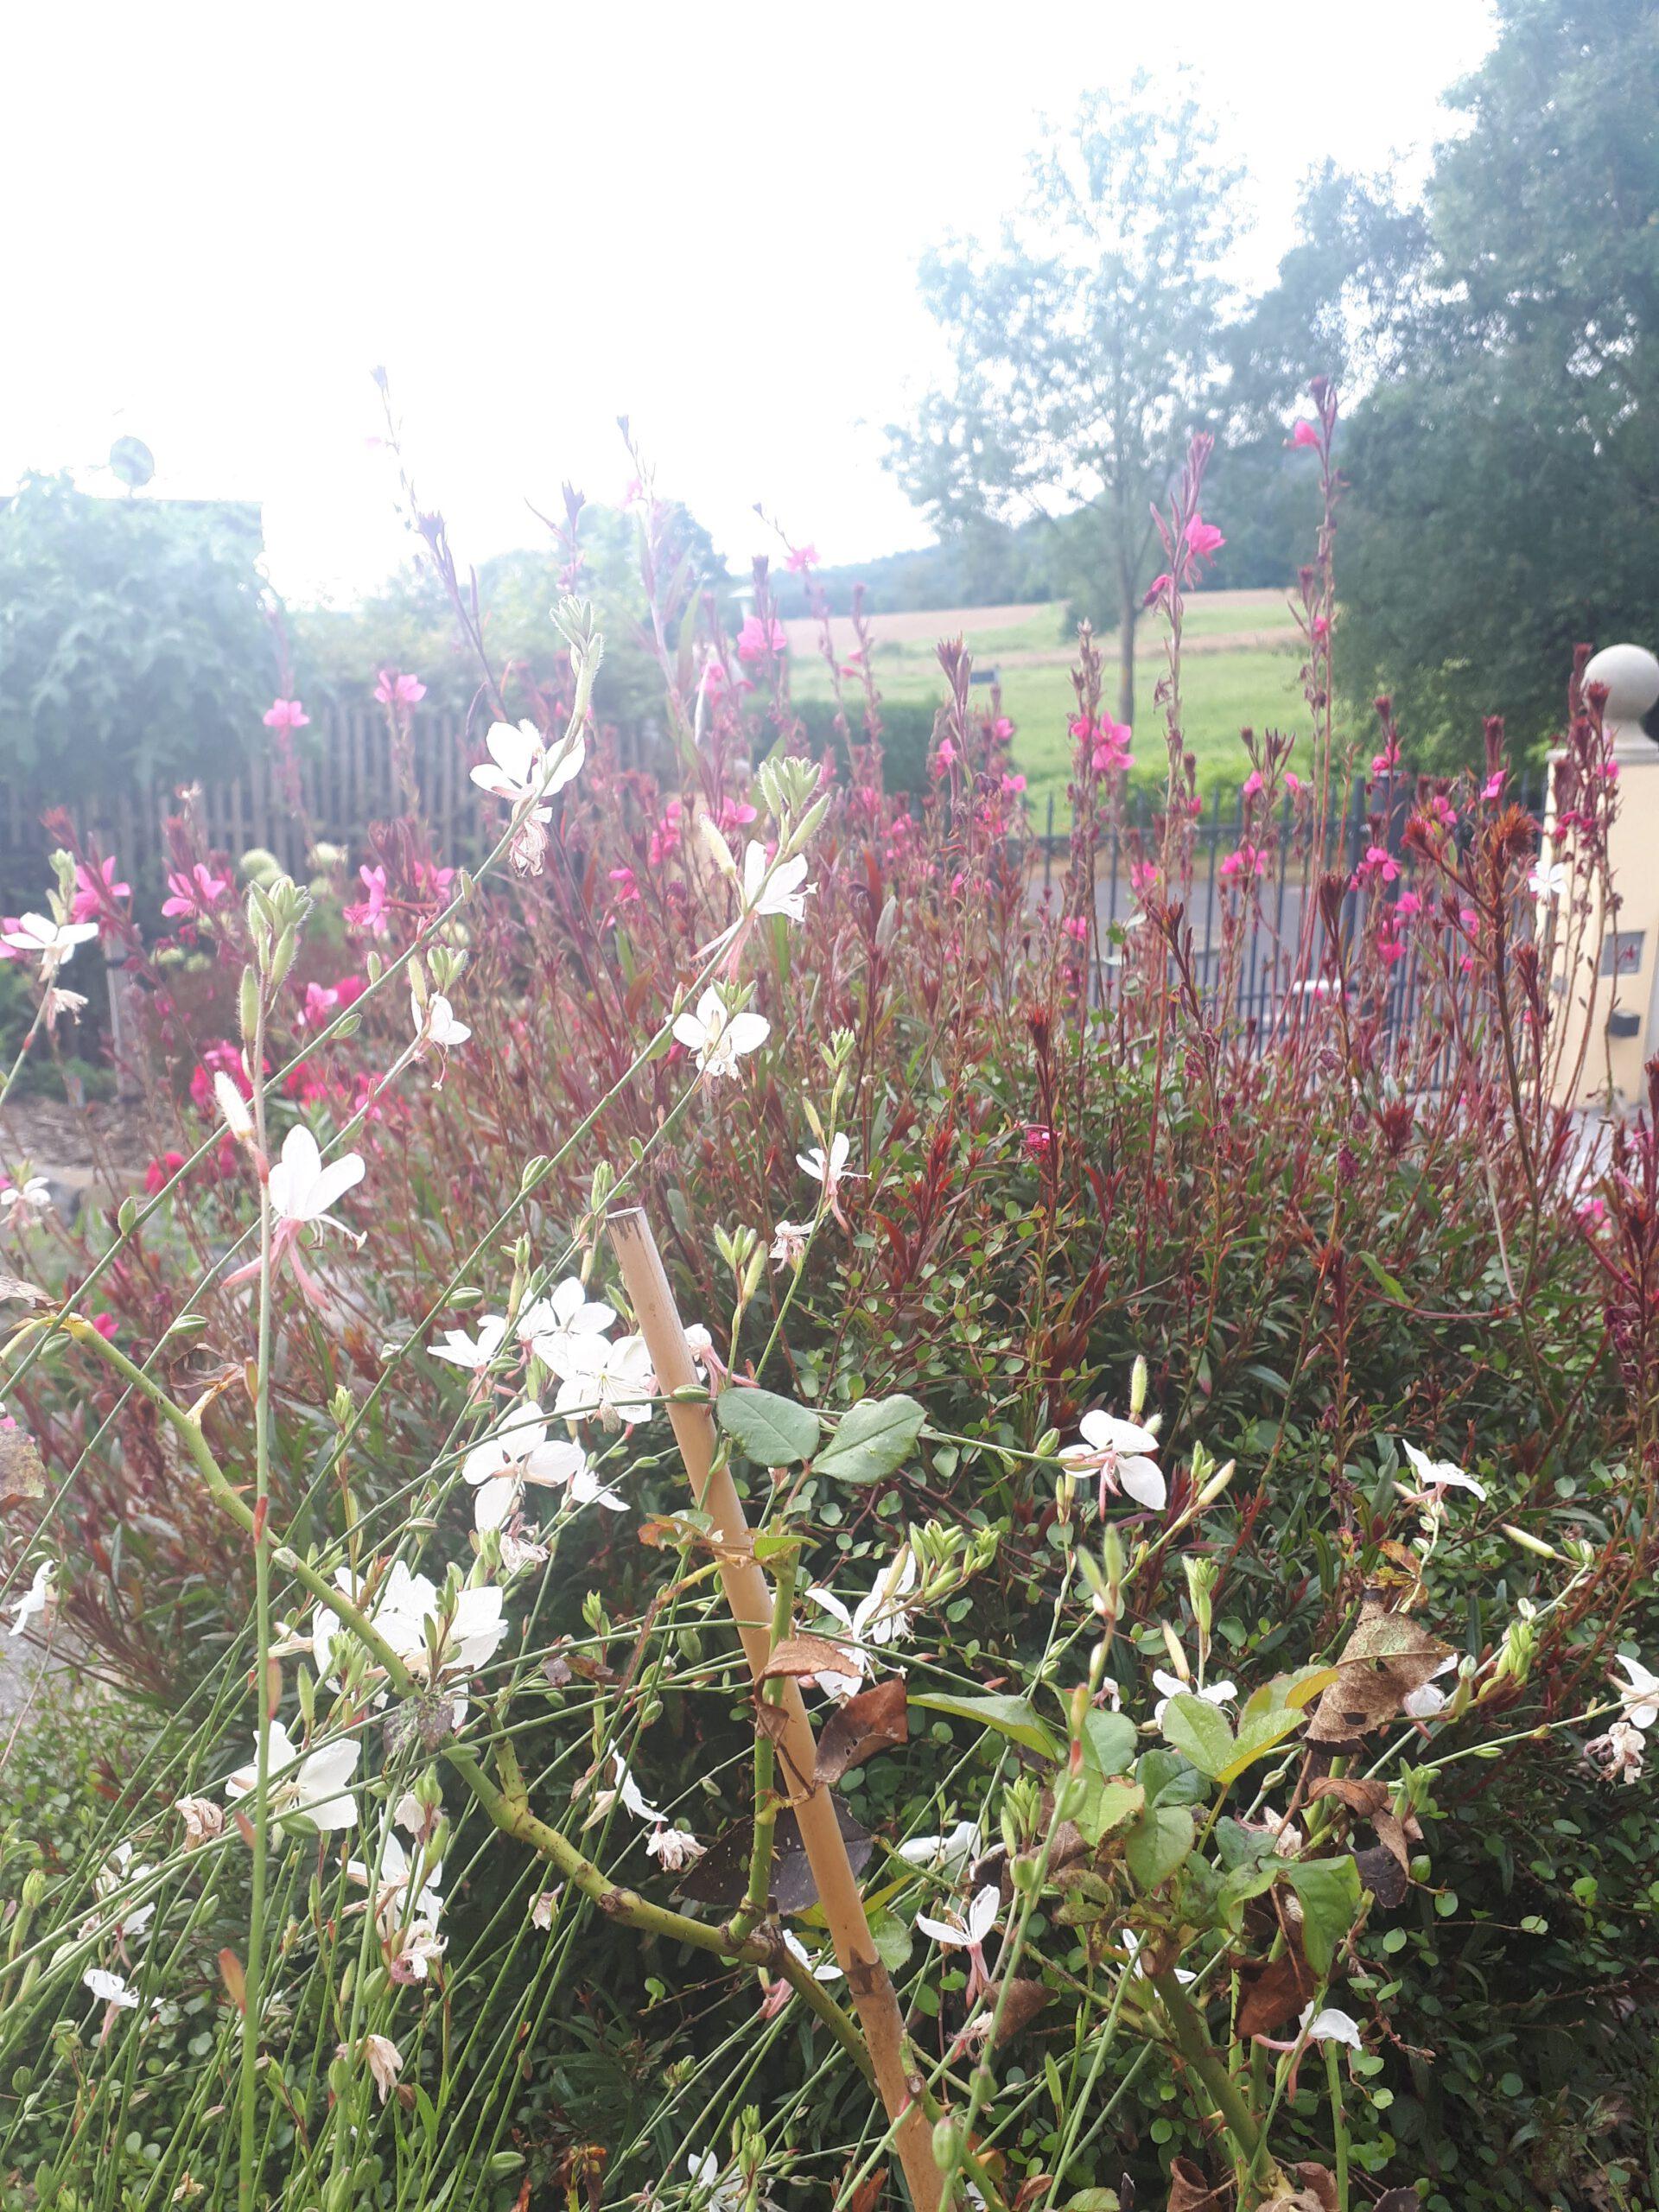 Die Prachtkerze ist ein unermüdlicher Dauerblüher bis in den Herbst. Als Rosenbegleiter versprüht sie Leichtigkeit und ist unaufdringlich neben der Königin der Blumen..